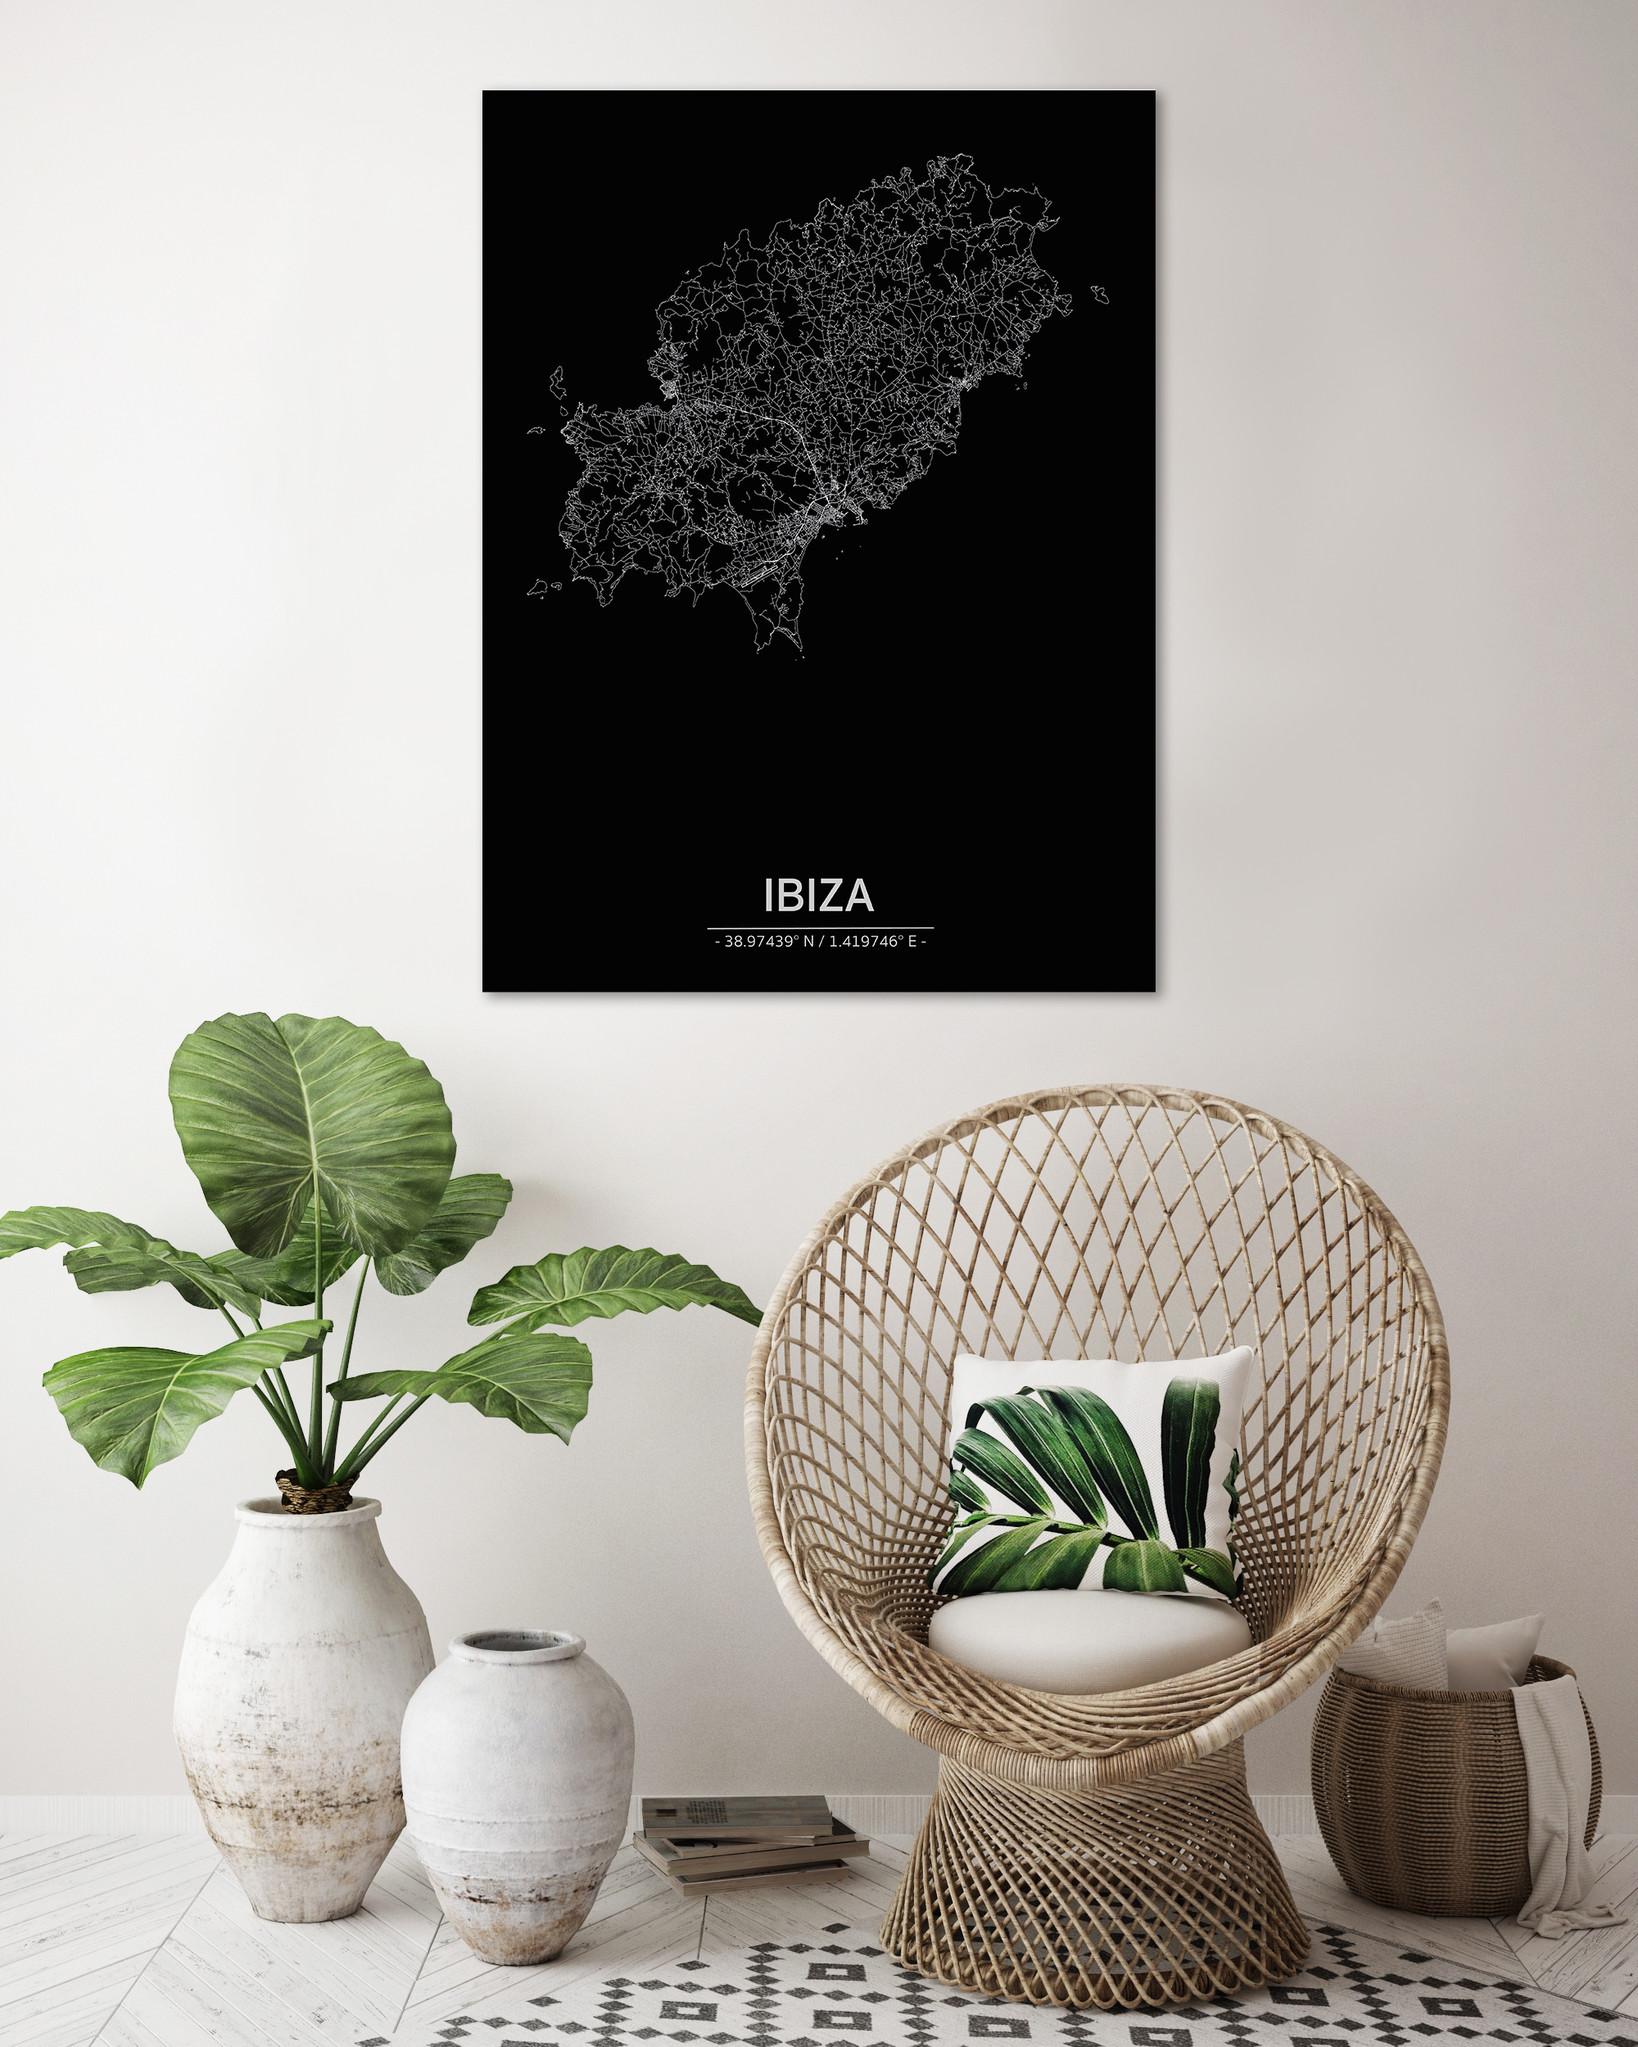 Stadtkarte Ibiza | Aluminium Wanddekoration-2